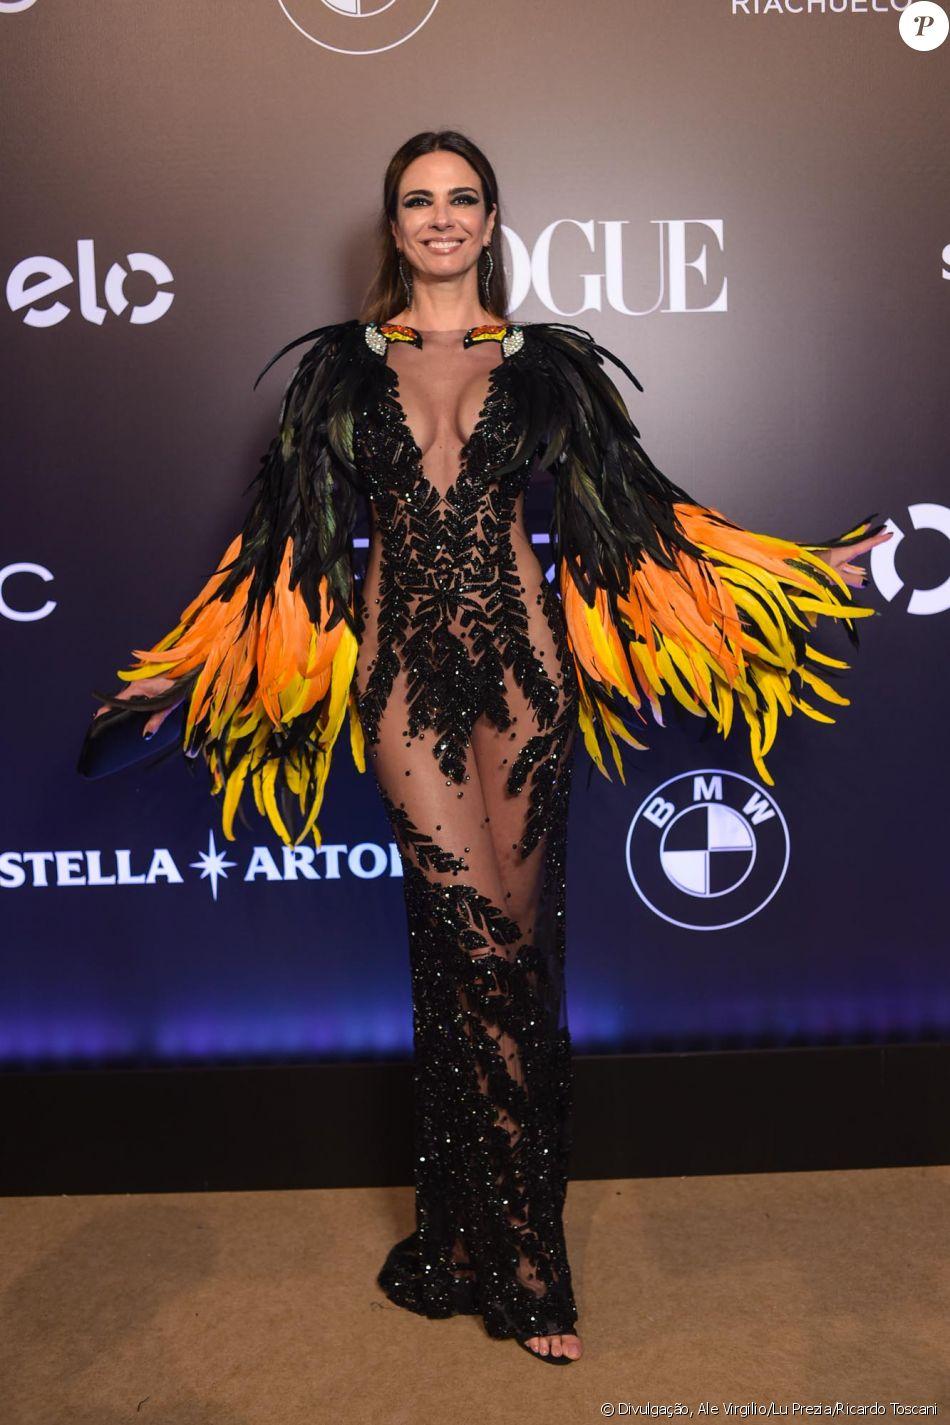 Luciana Gimenez de Isabella Narchi no Baile da Vogue, realizado no Hotel  Unique, em São Paulo, na noite desta quinta-feira, 1º de fevereiro de 2018 4d78aecdd0